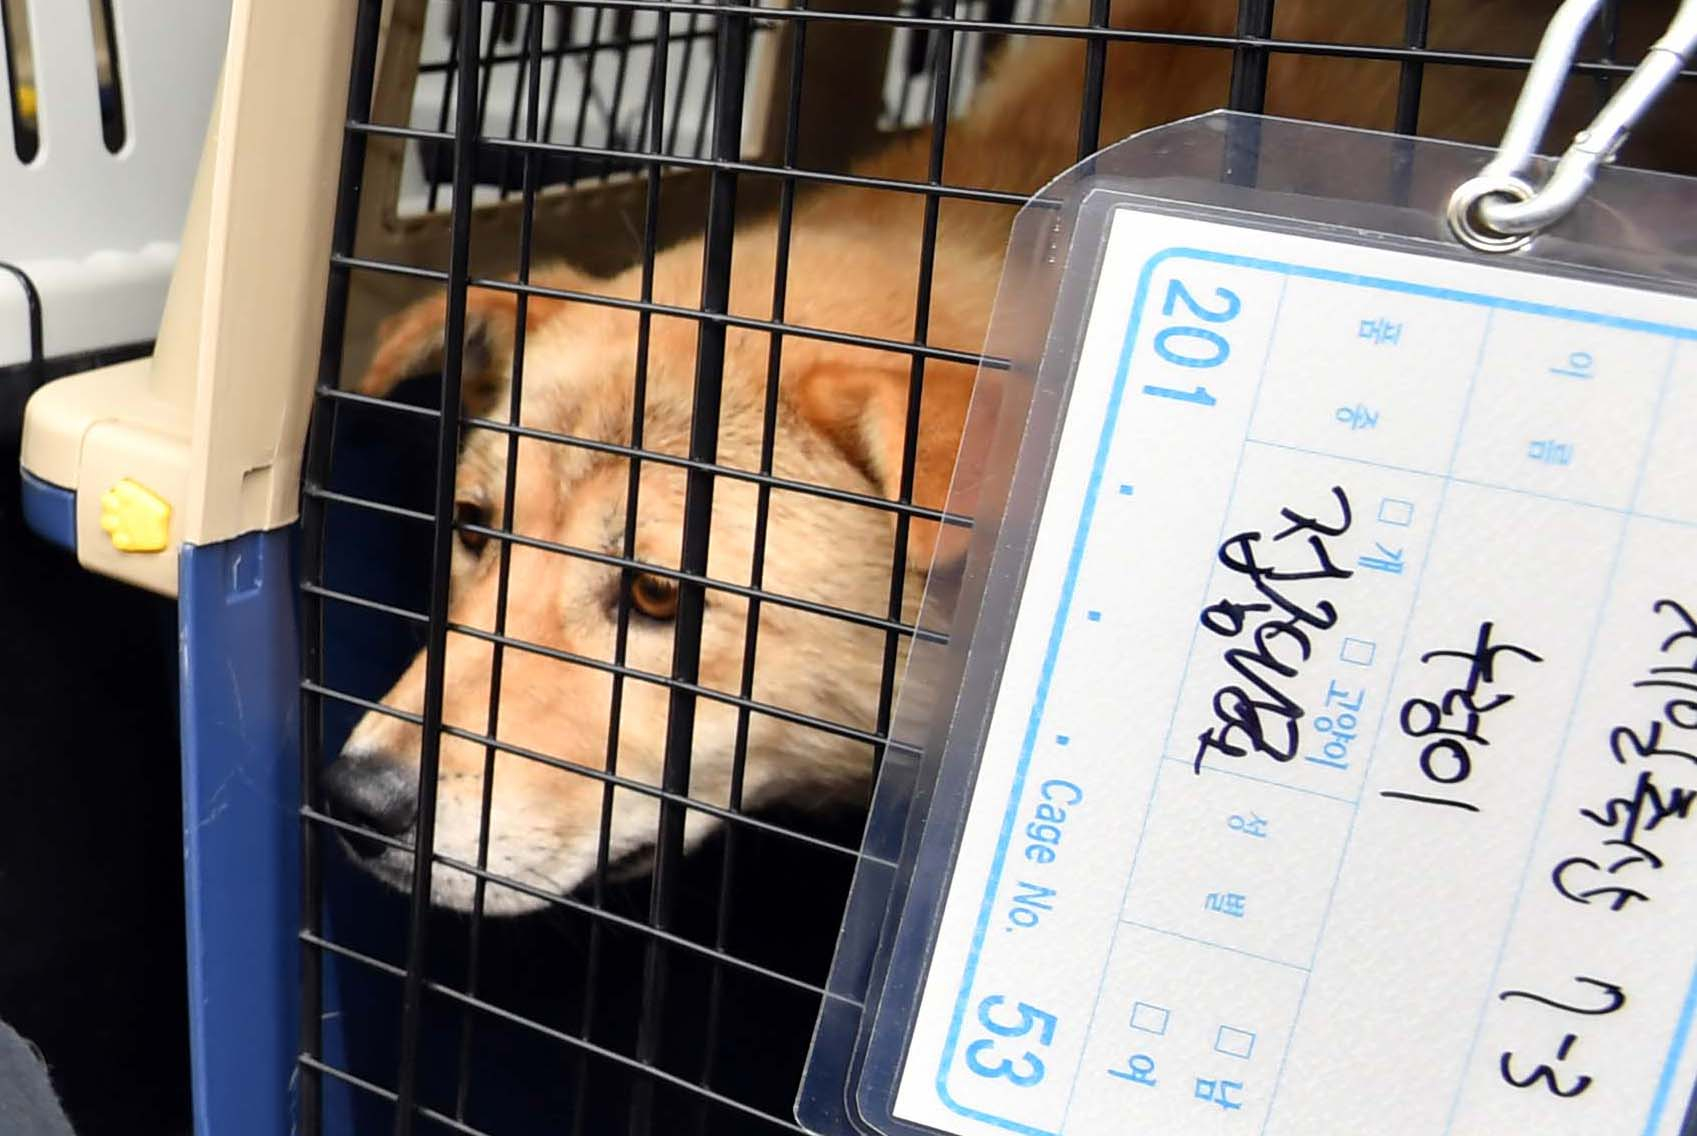 1일 오후 부산 북구 구포가축시장에서 동물보호단체 회원들이 도축 위기서 구출한 반려동물이 보호소로 옮기기 전 트럭에 실려있다. 이날 구조된 한 반려동물의 이름은 '누렁이'였다. [뉴시스]